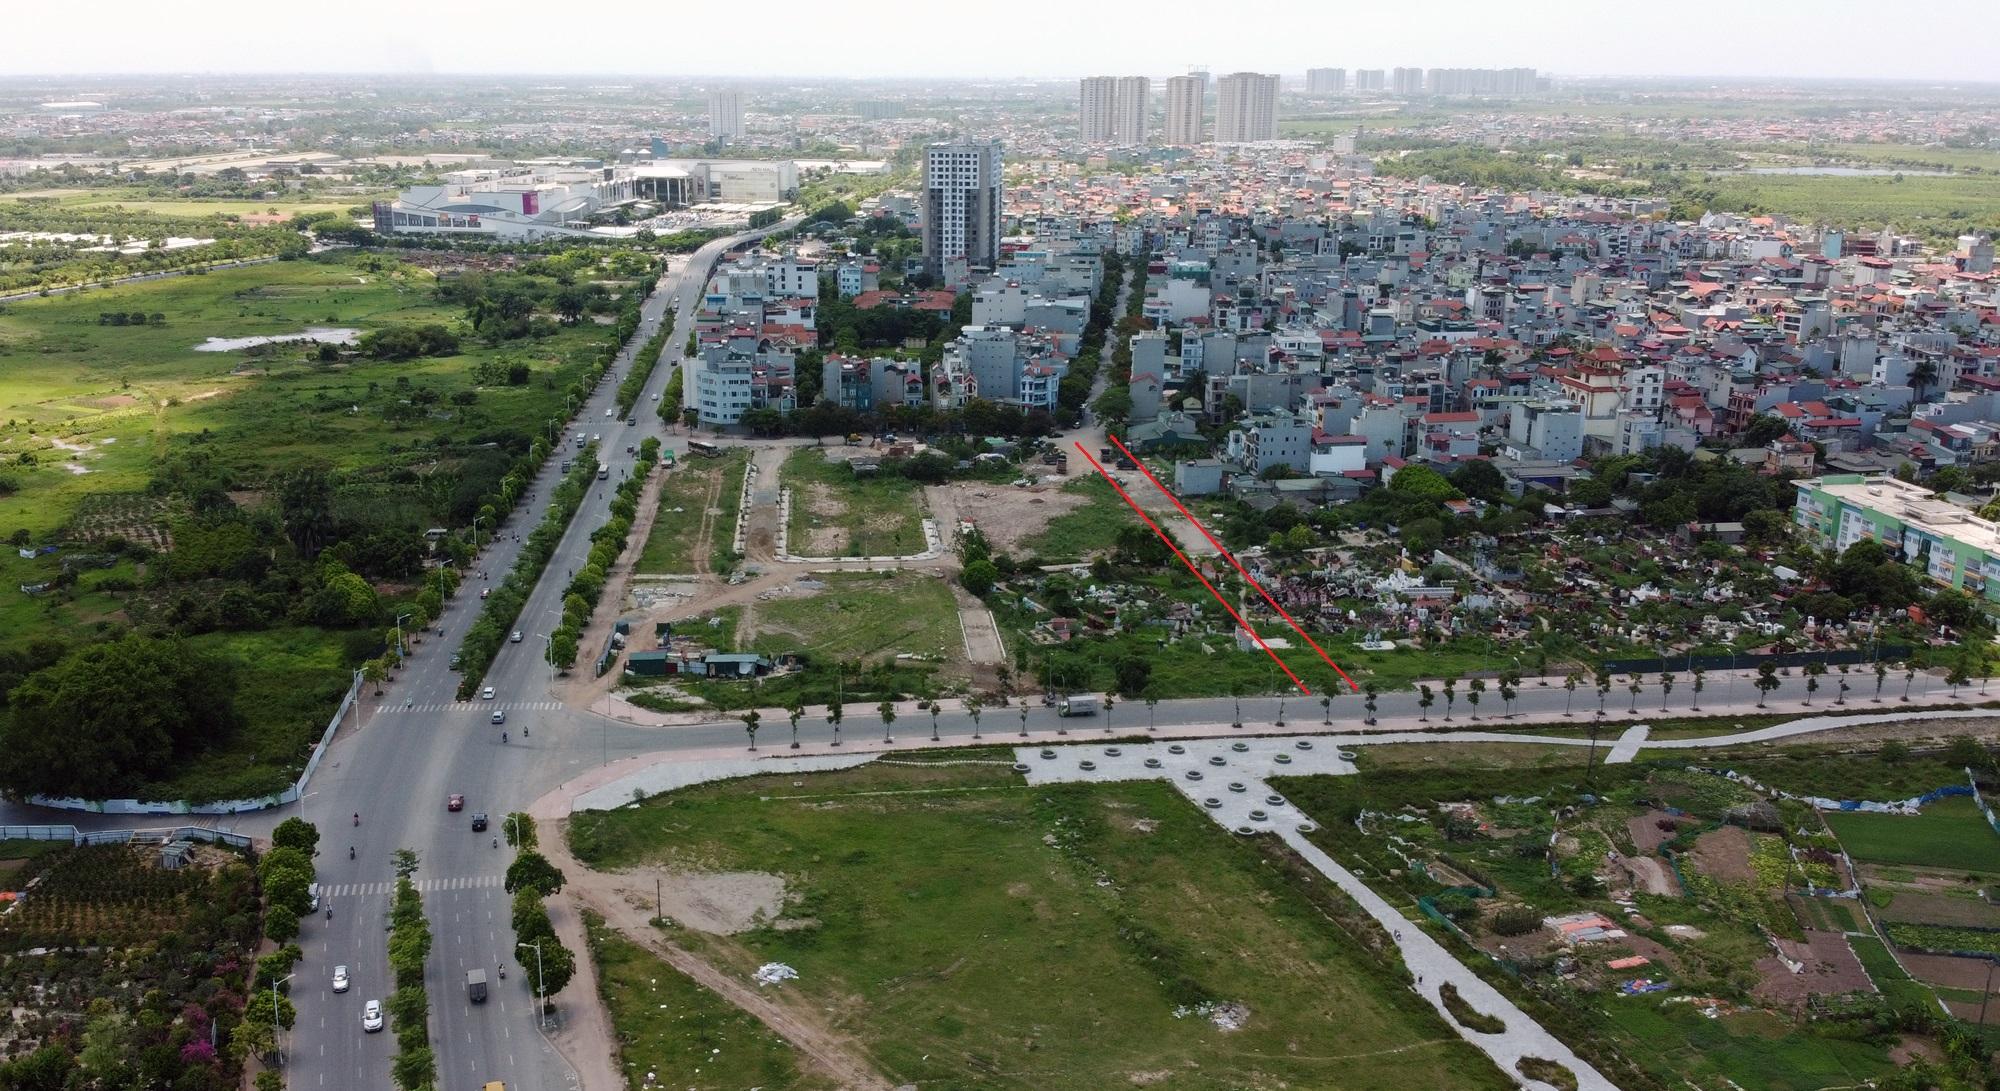 5 đường sẽ mở theo qui hoạch ở phường Long Biên, quận Long Biên, Hà Nội - Ảnh 10.